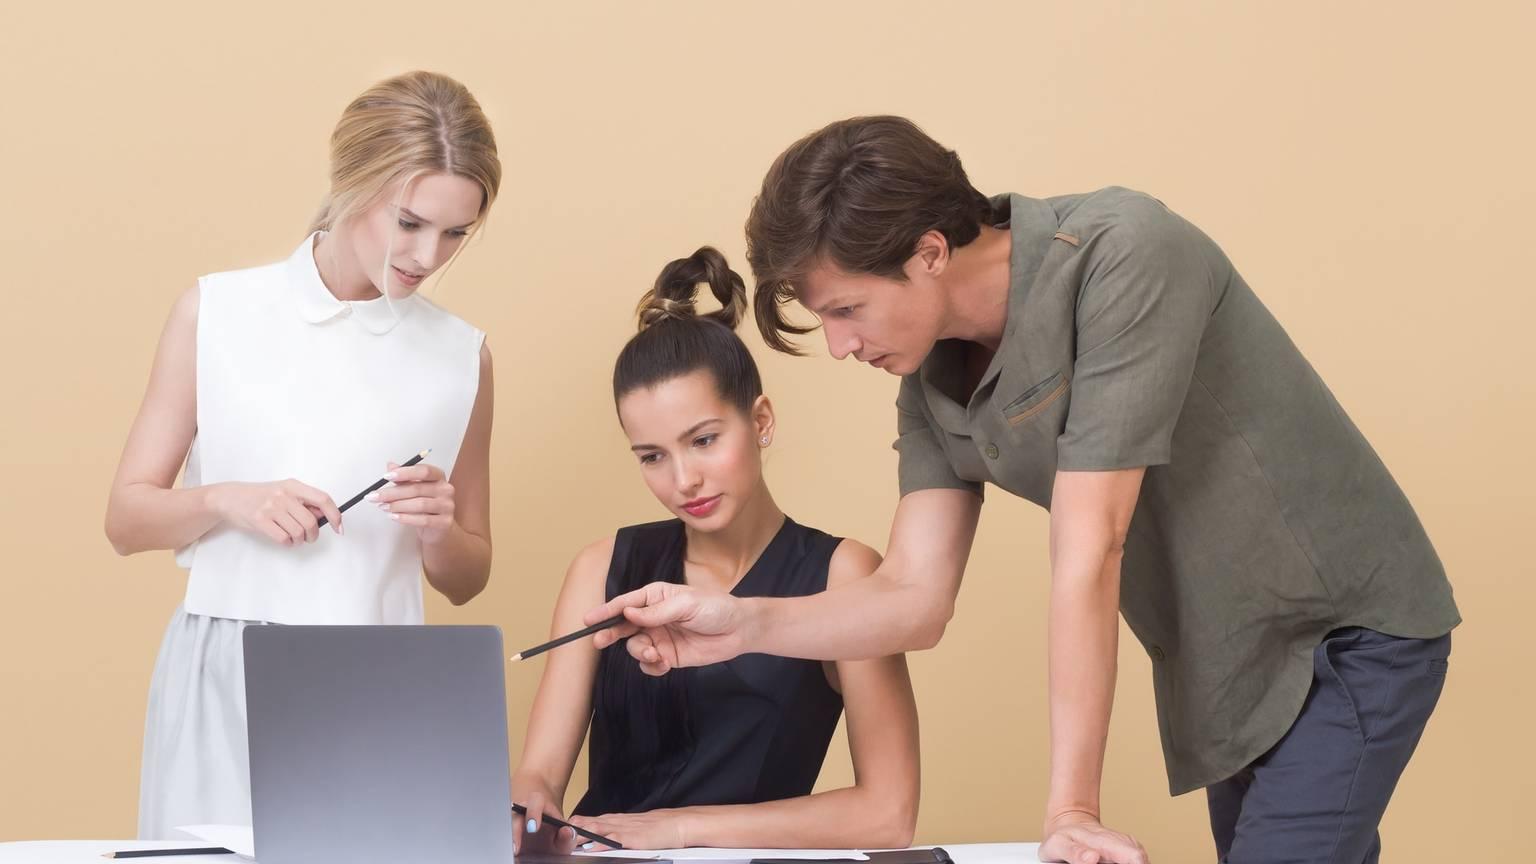 3-people-brainstorming